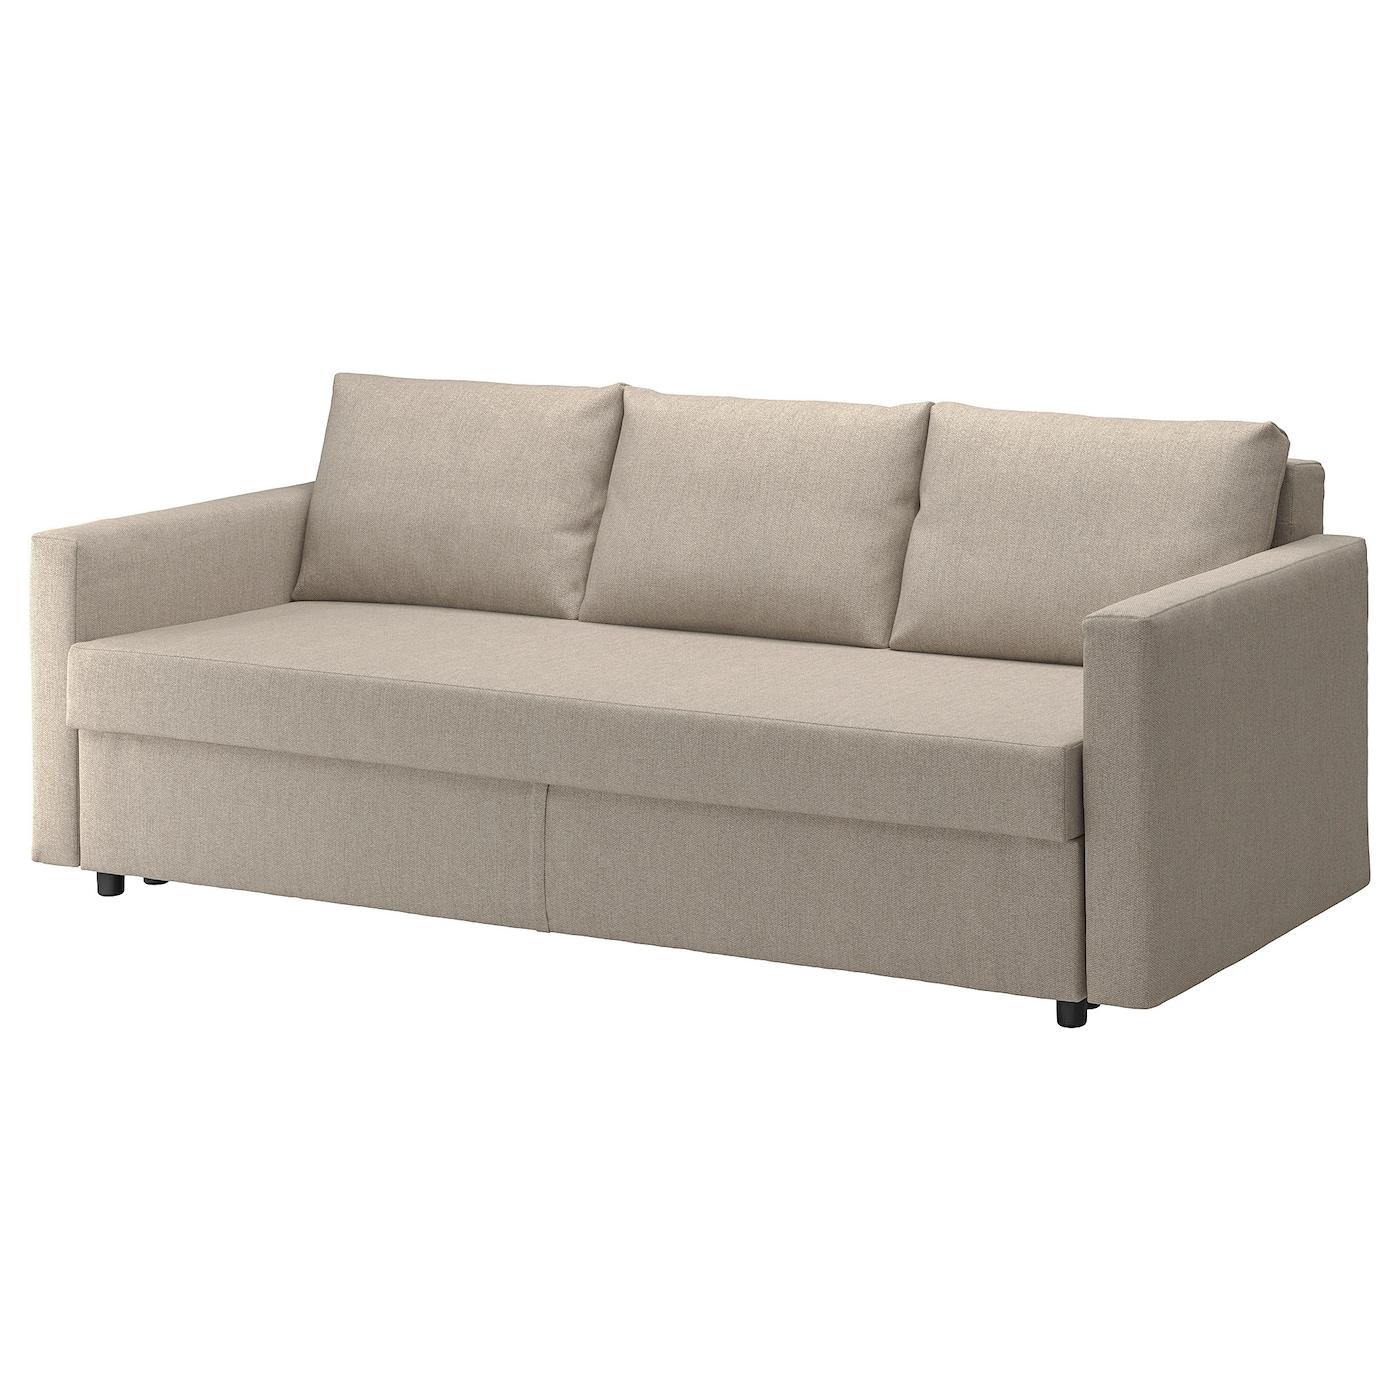 IKEA FRIHETEN Rozkładana sofa 3-osobowa, Hyllie beżowy